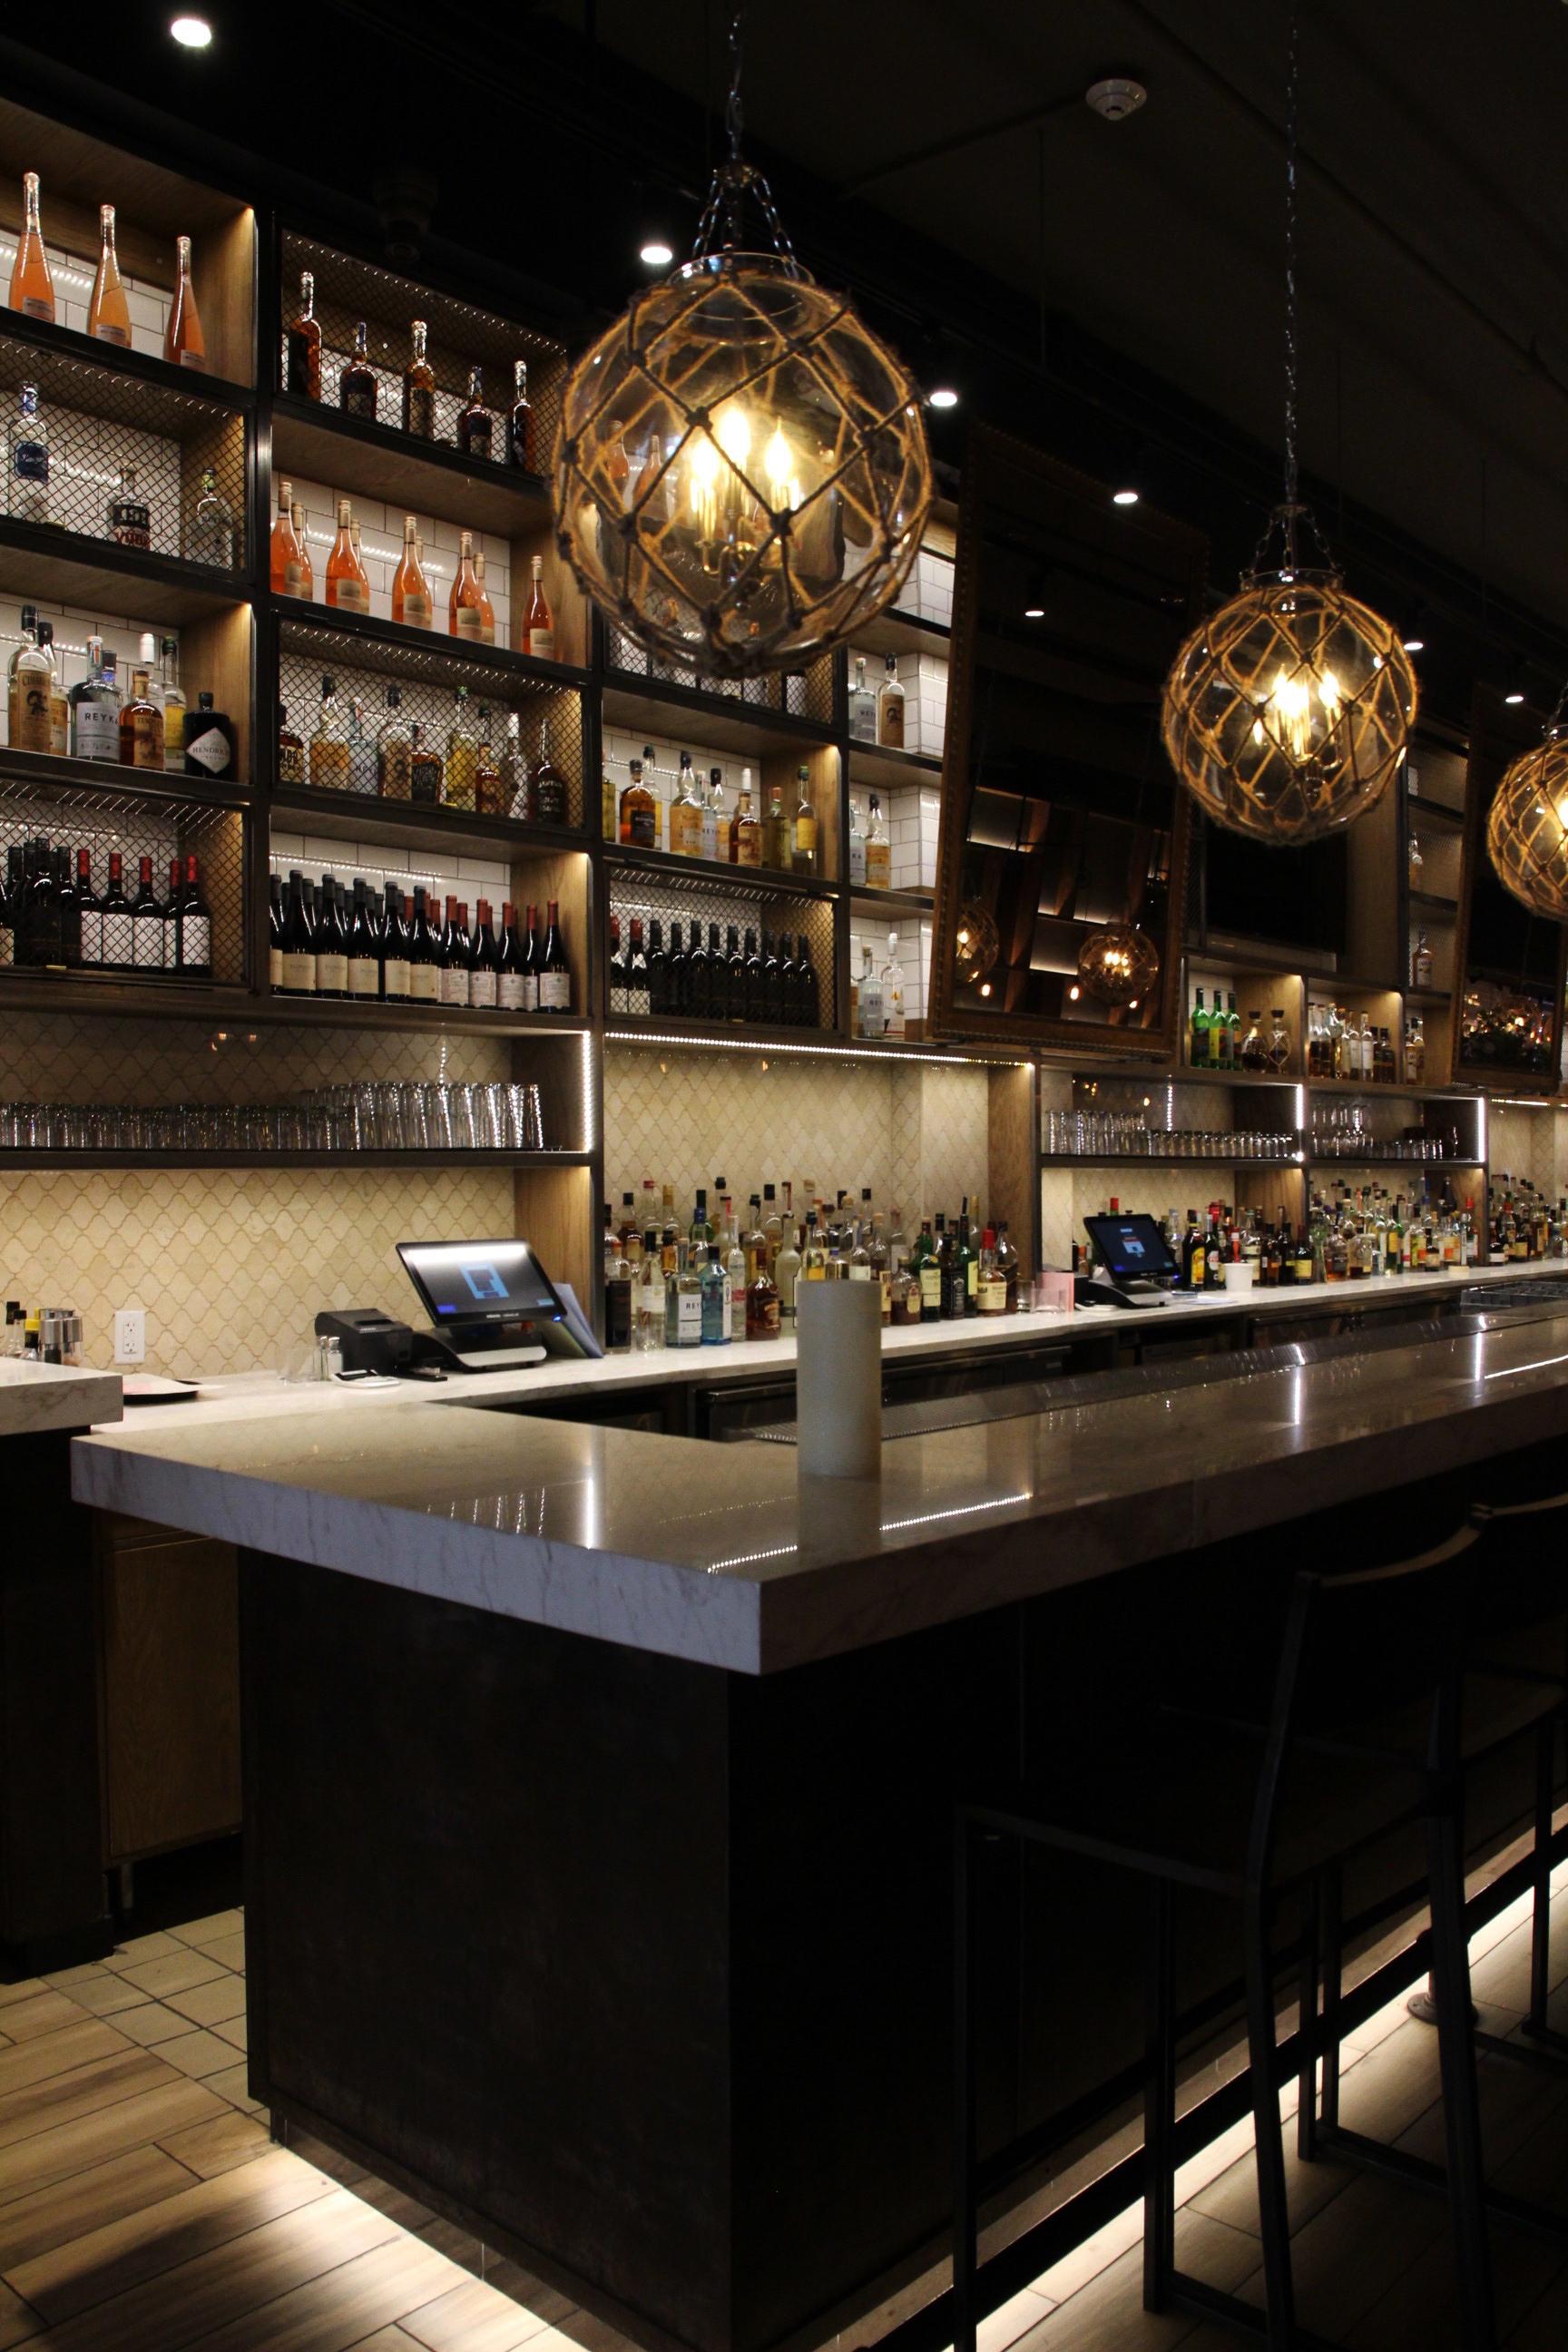 Union Fare Bar